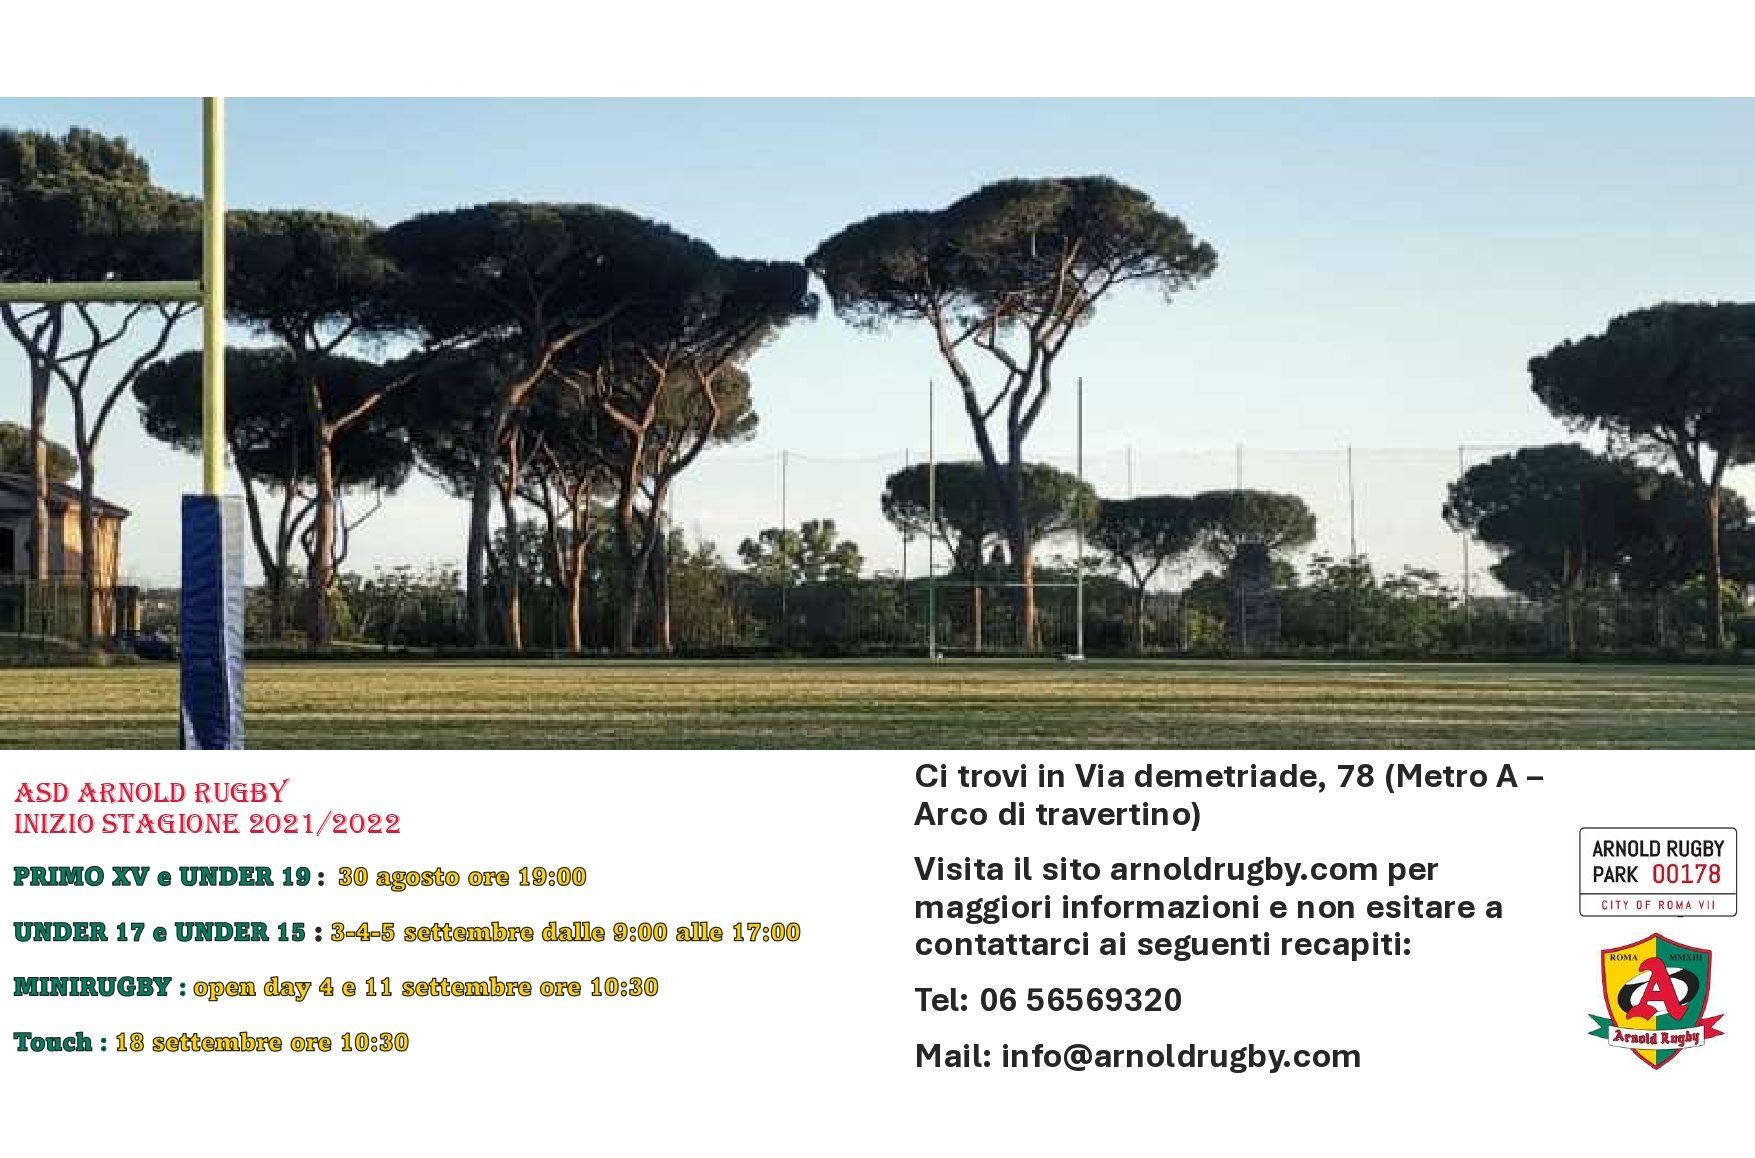 INIZIO SATGIONE 21-22 due_page-0001